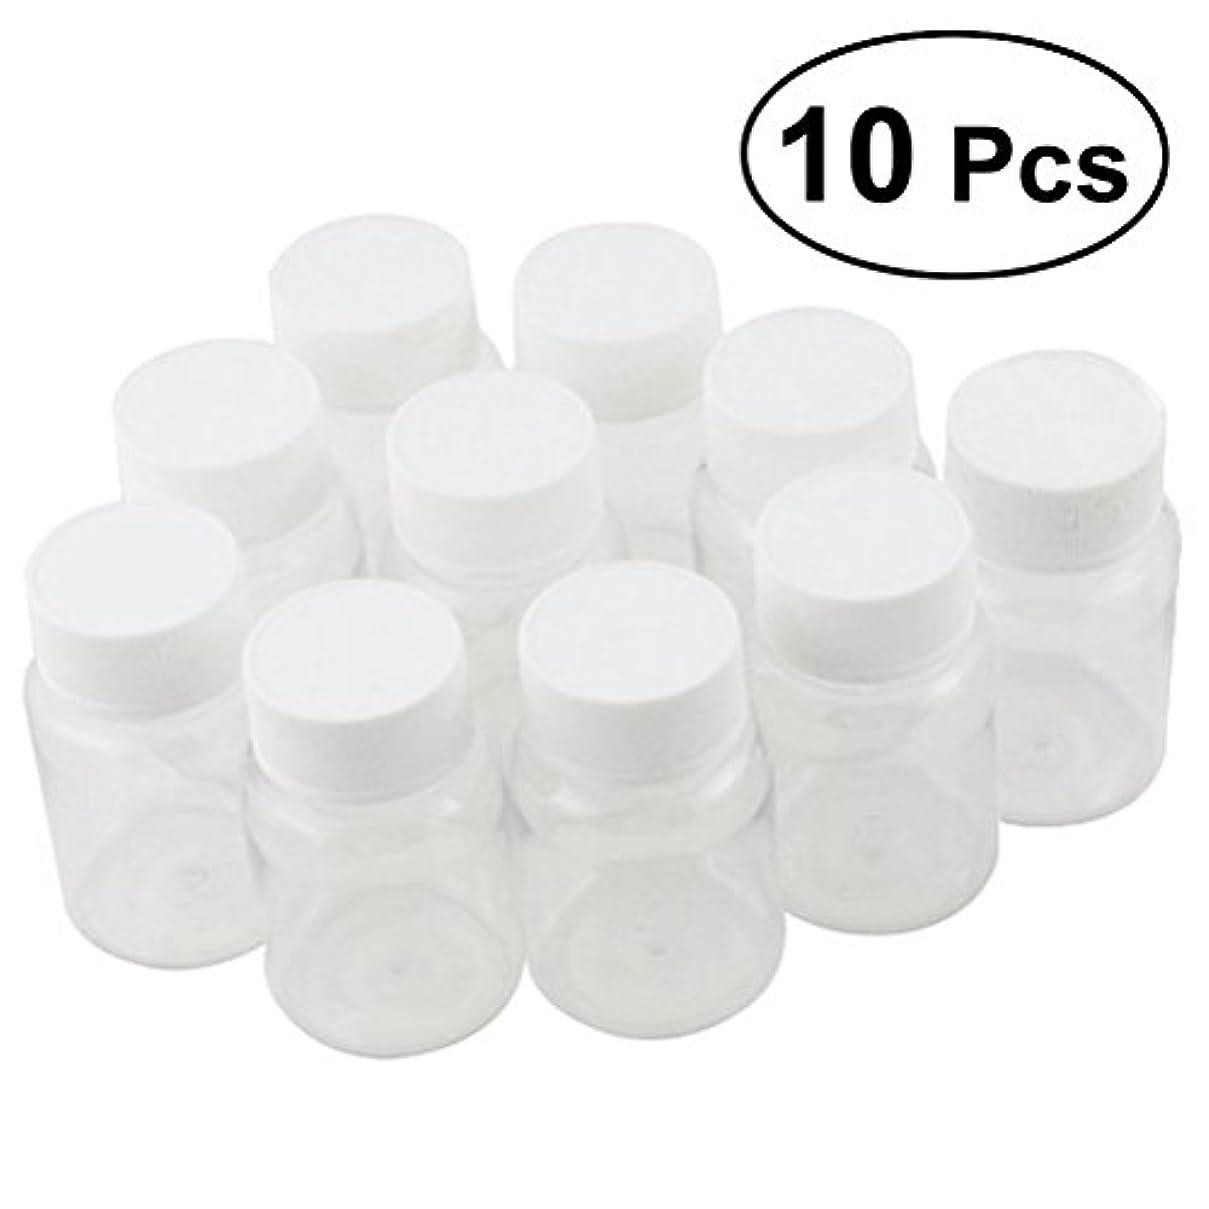 羊の発送ULTNICE 小分けボトル 広口 クリア 詰め替え容器 薬保存 ビーズ収納 液体 10個セット